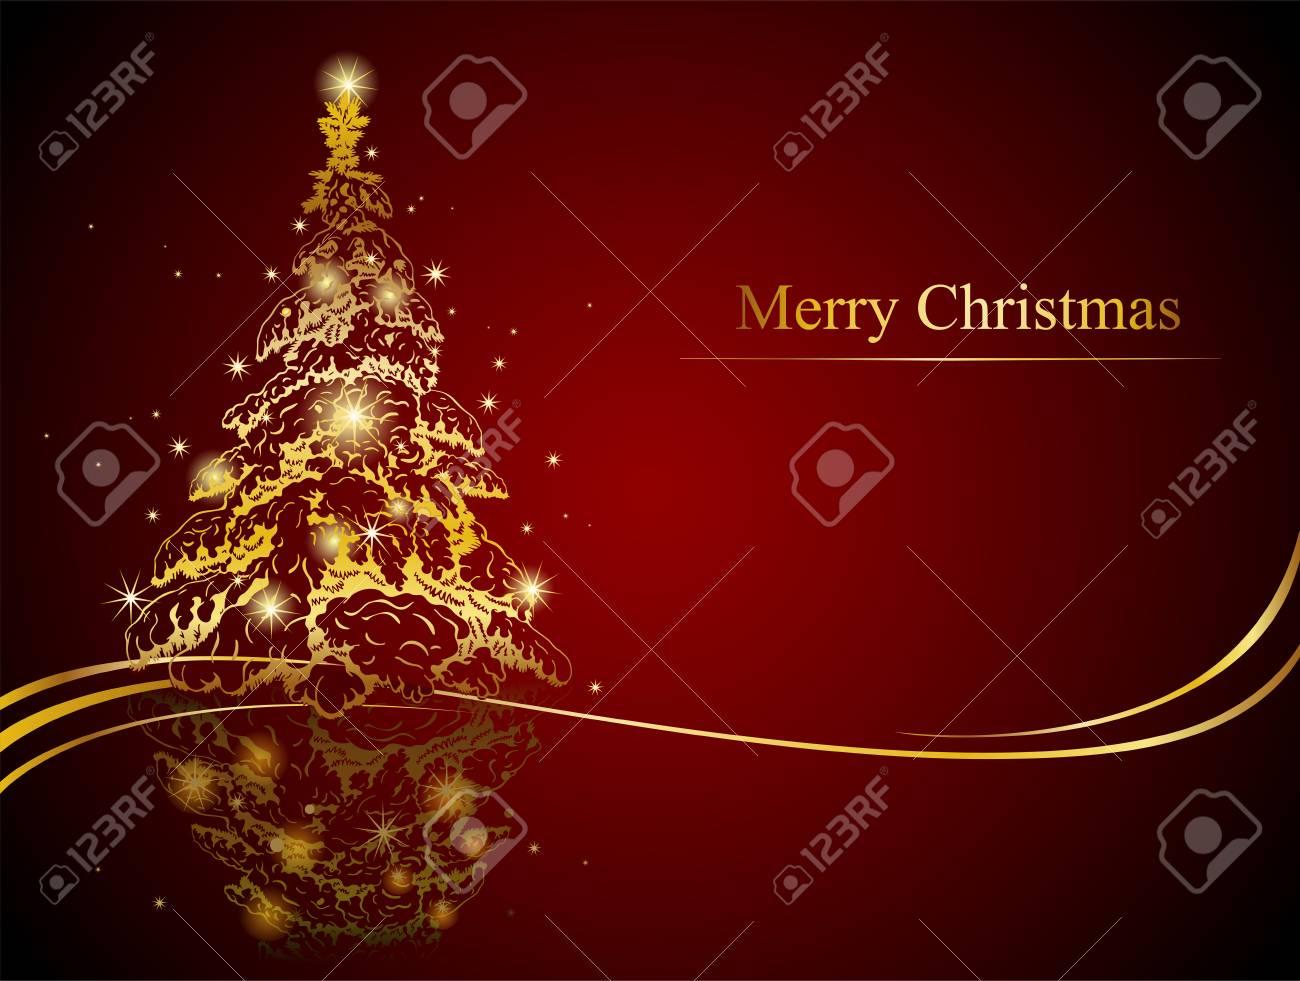 Creare Foto Di Natale.Moderno Albero Di Natale D Oro Possibilita Di Creare Biglietti Di Auguri E Ornamenti